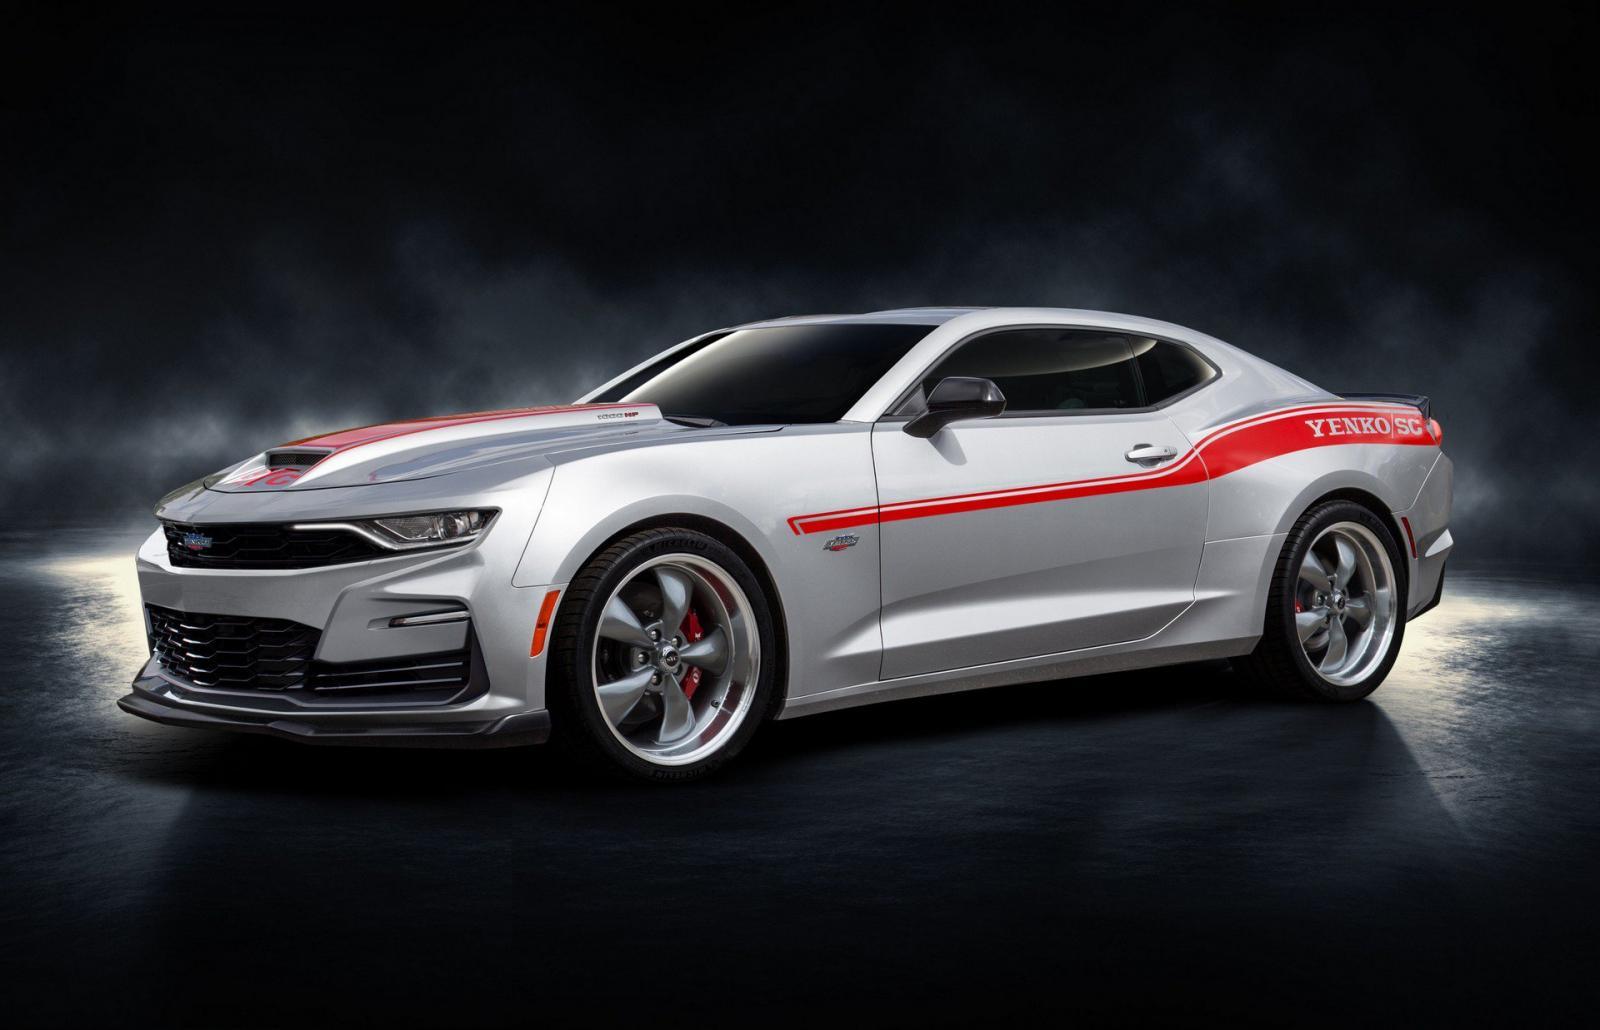 Chevrolet Camaro Yenko S/C 2020, el muscle car presume 1,000 caballos de fuerza